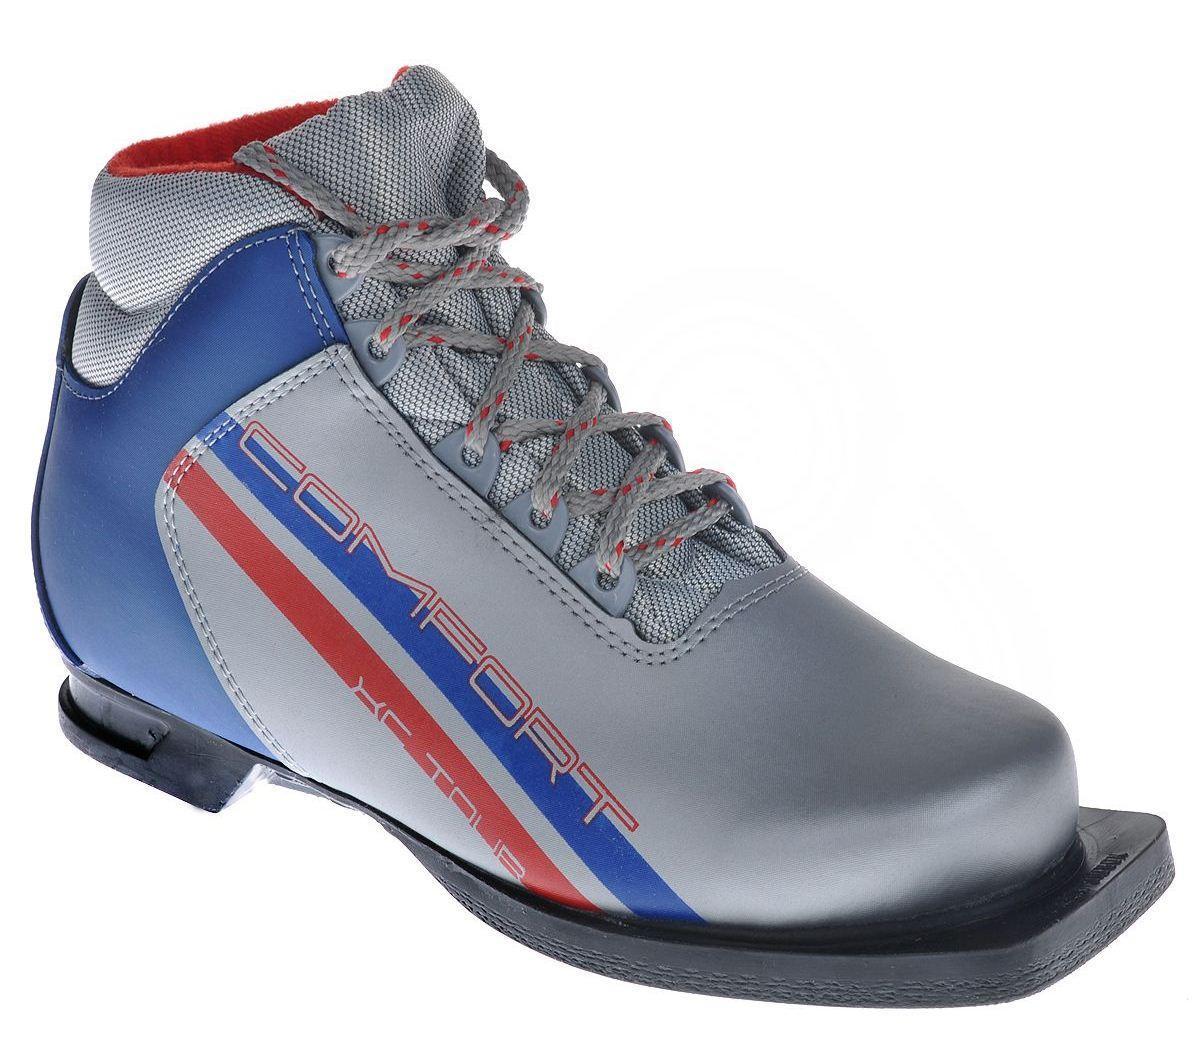 """Ботинки лыжные Marax """"Comfort"""", цвет: серебристый, синий. 340. Размер 41 Marax Comfort 340_серебро-синий_41"""